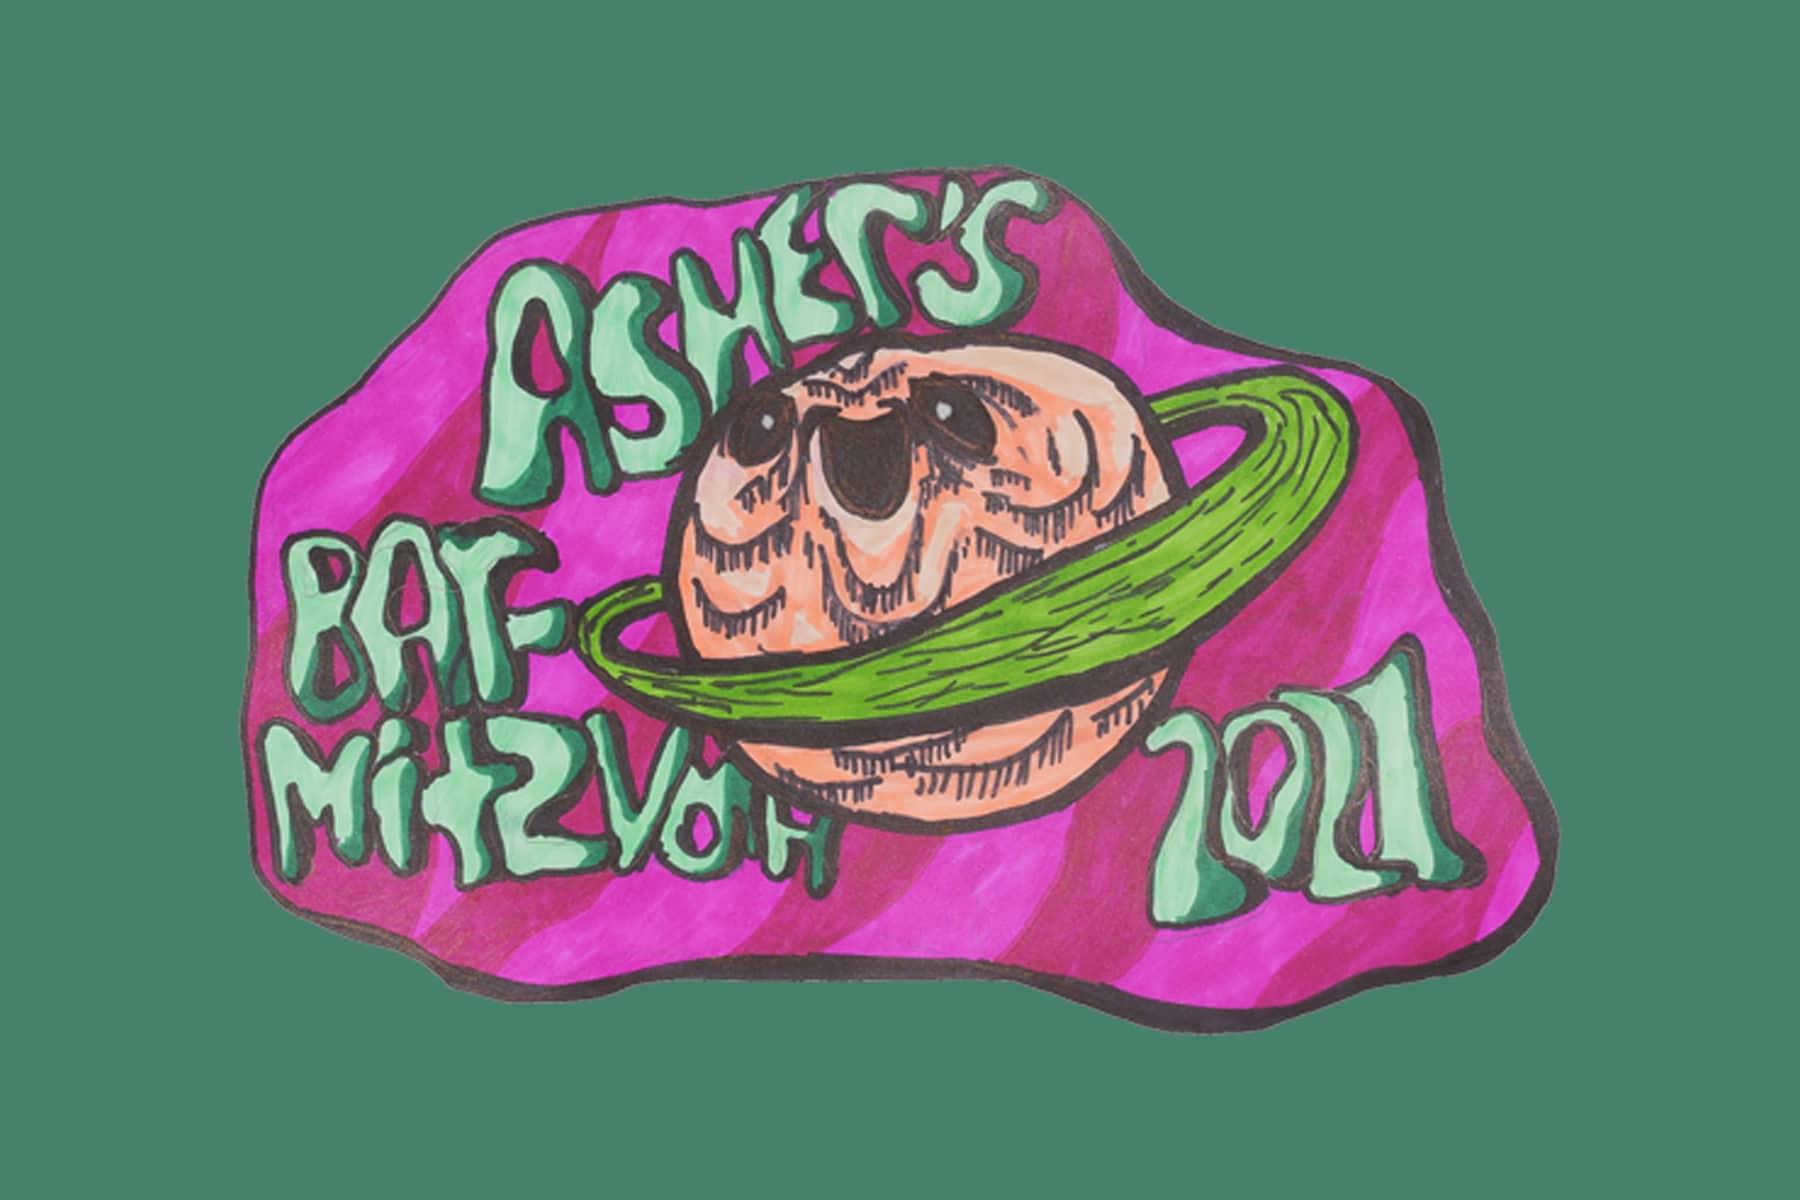 Bar Mitzvah Photo strip image